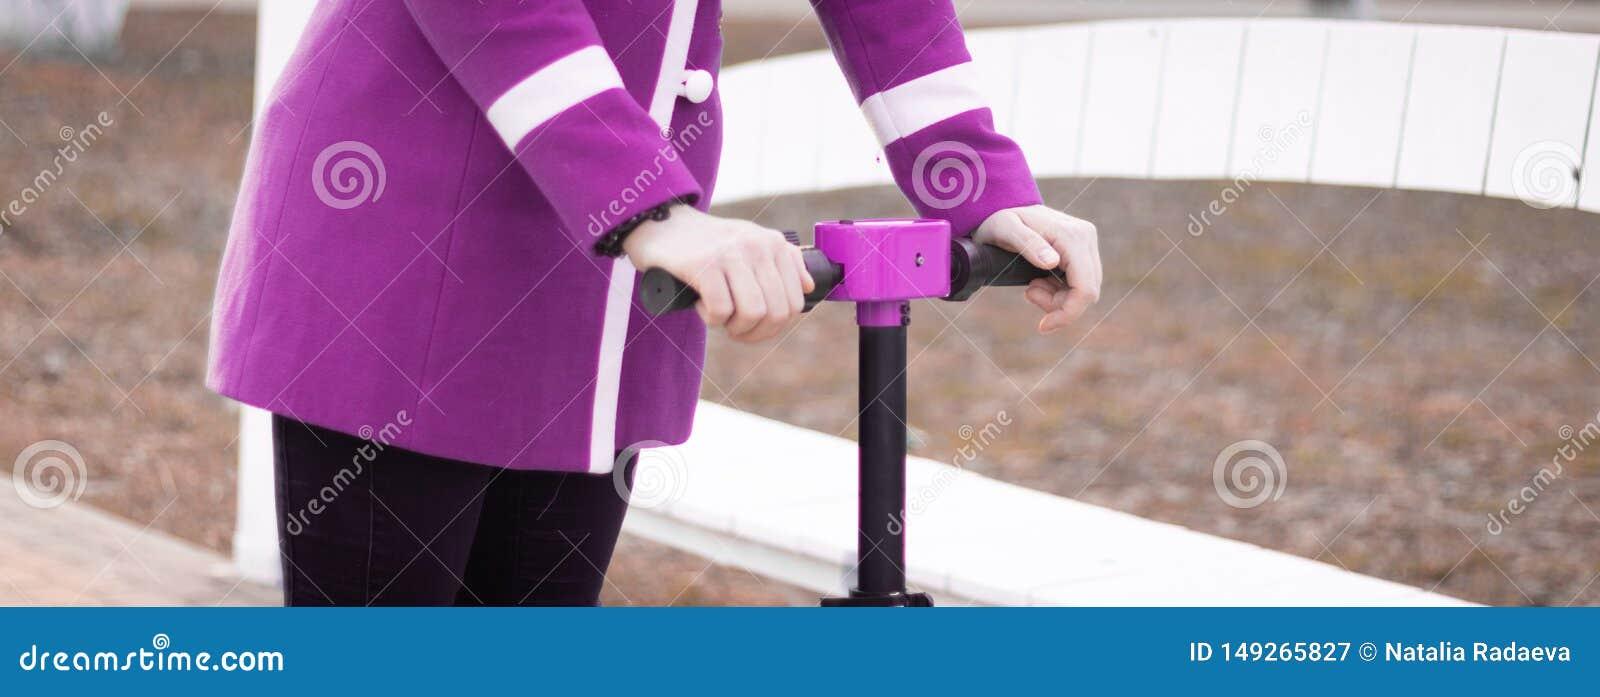 H?nder av en ung kvinna som rymmer styrhjulet av en elektrisk sparkcykel Synligt rosa - purpurf?rgat lag Ingen framsida panorama